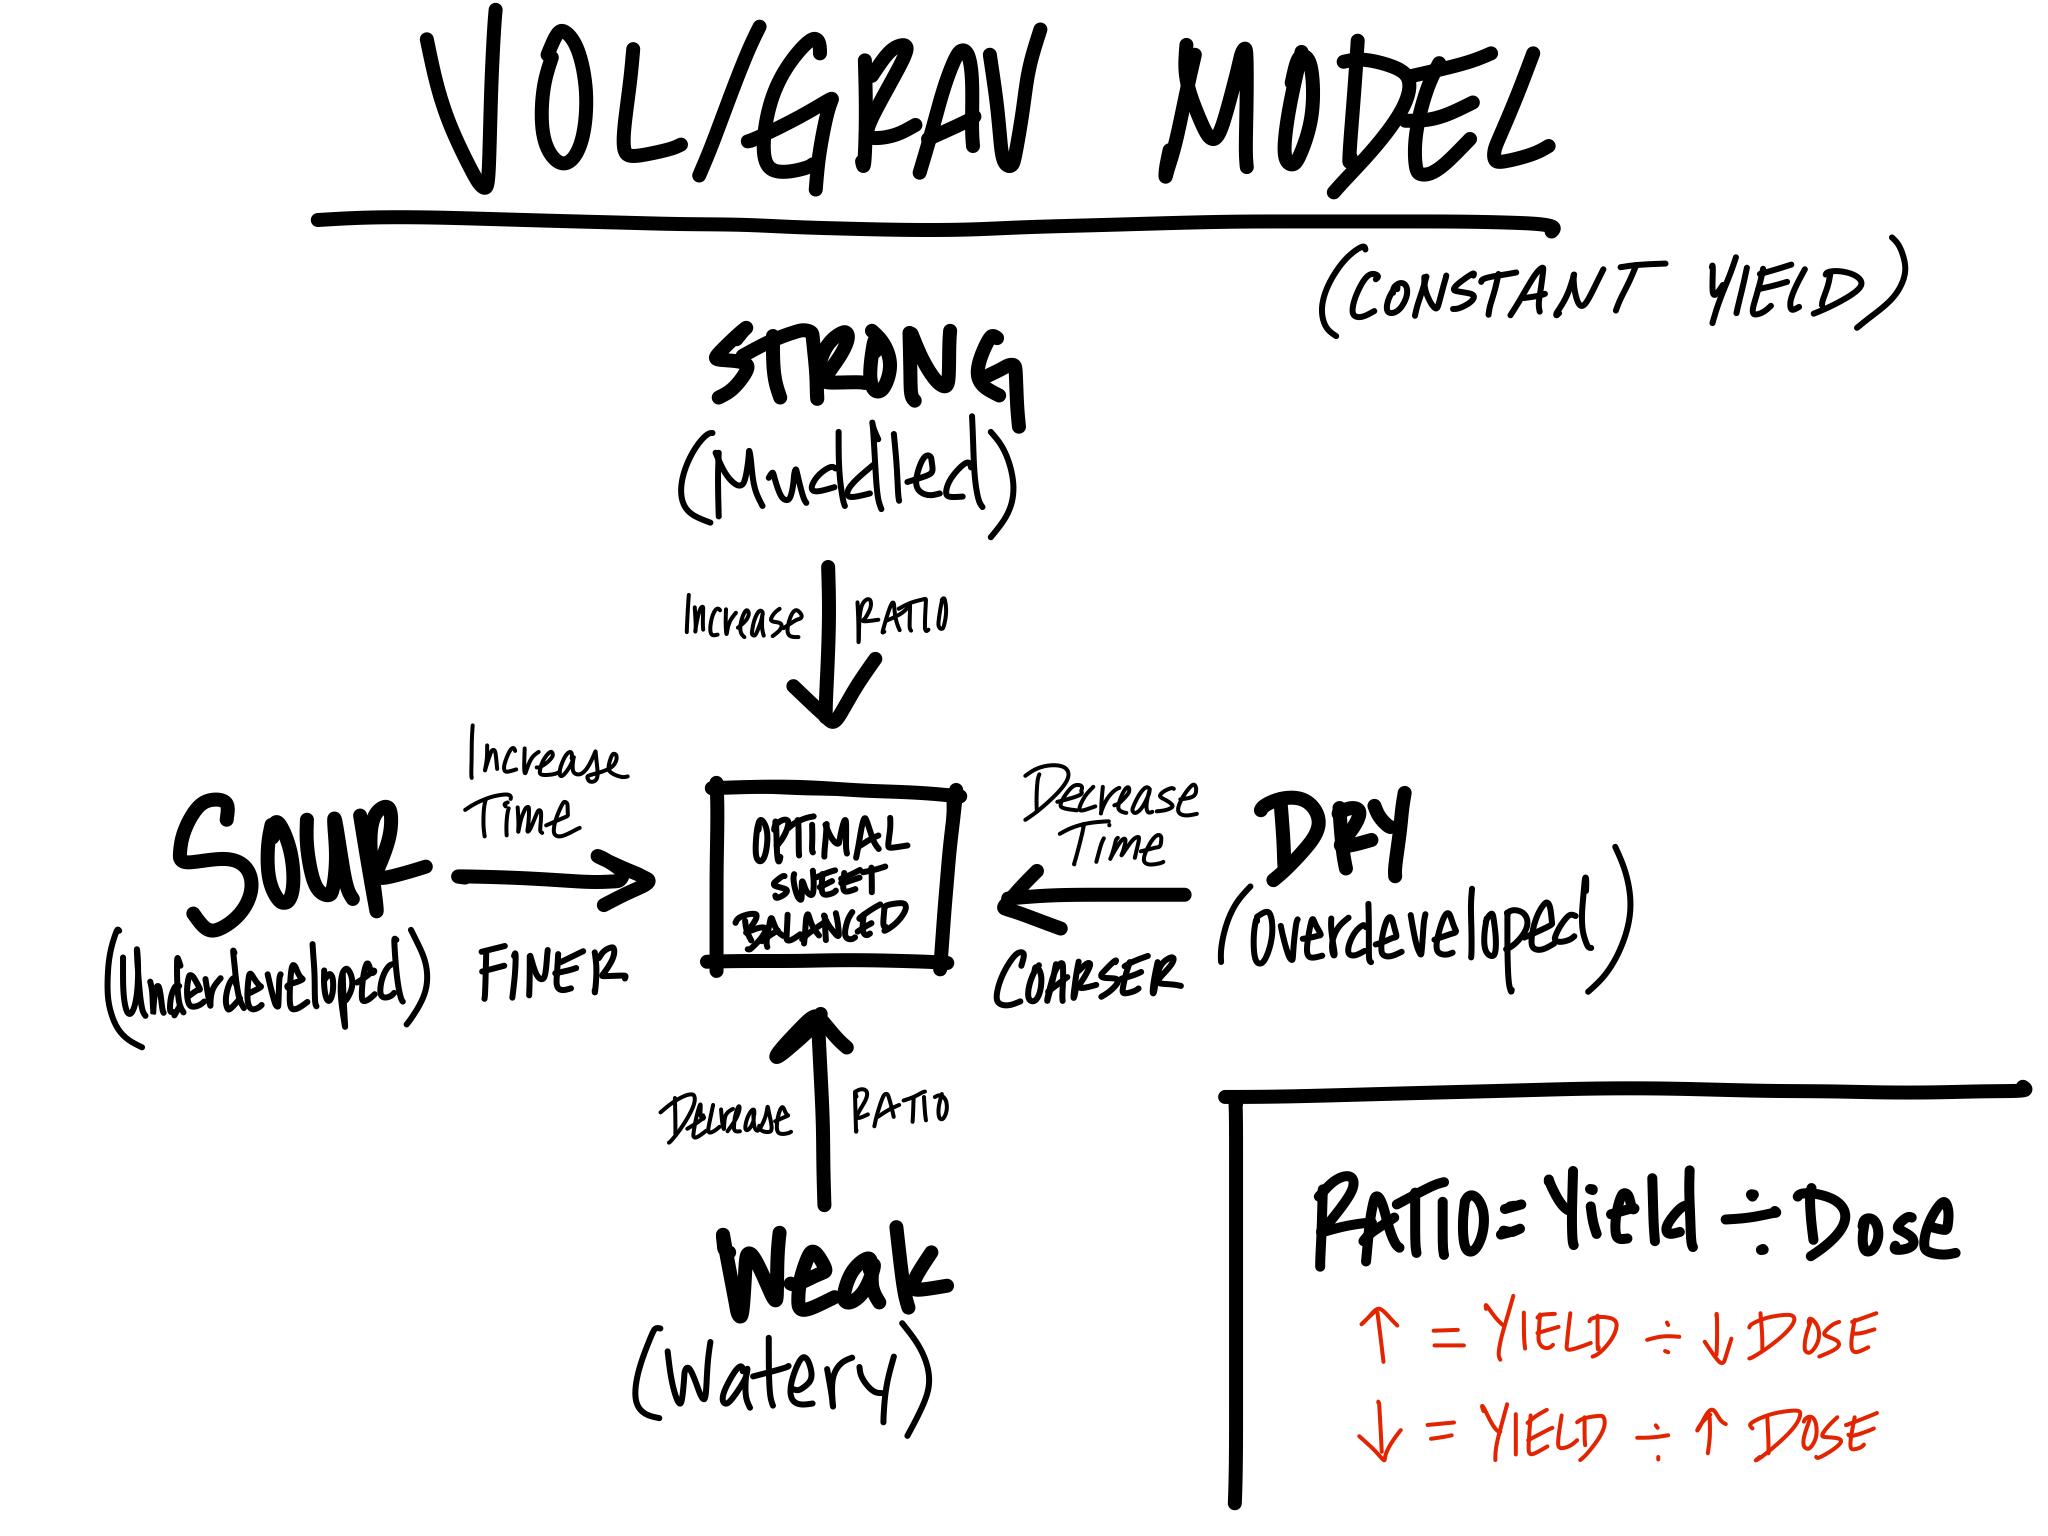 VOL Grav Extraction Model